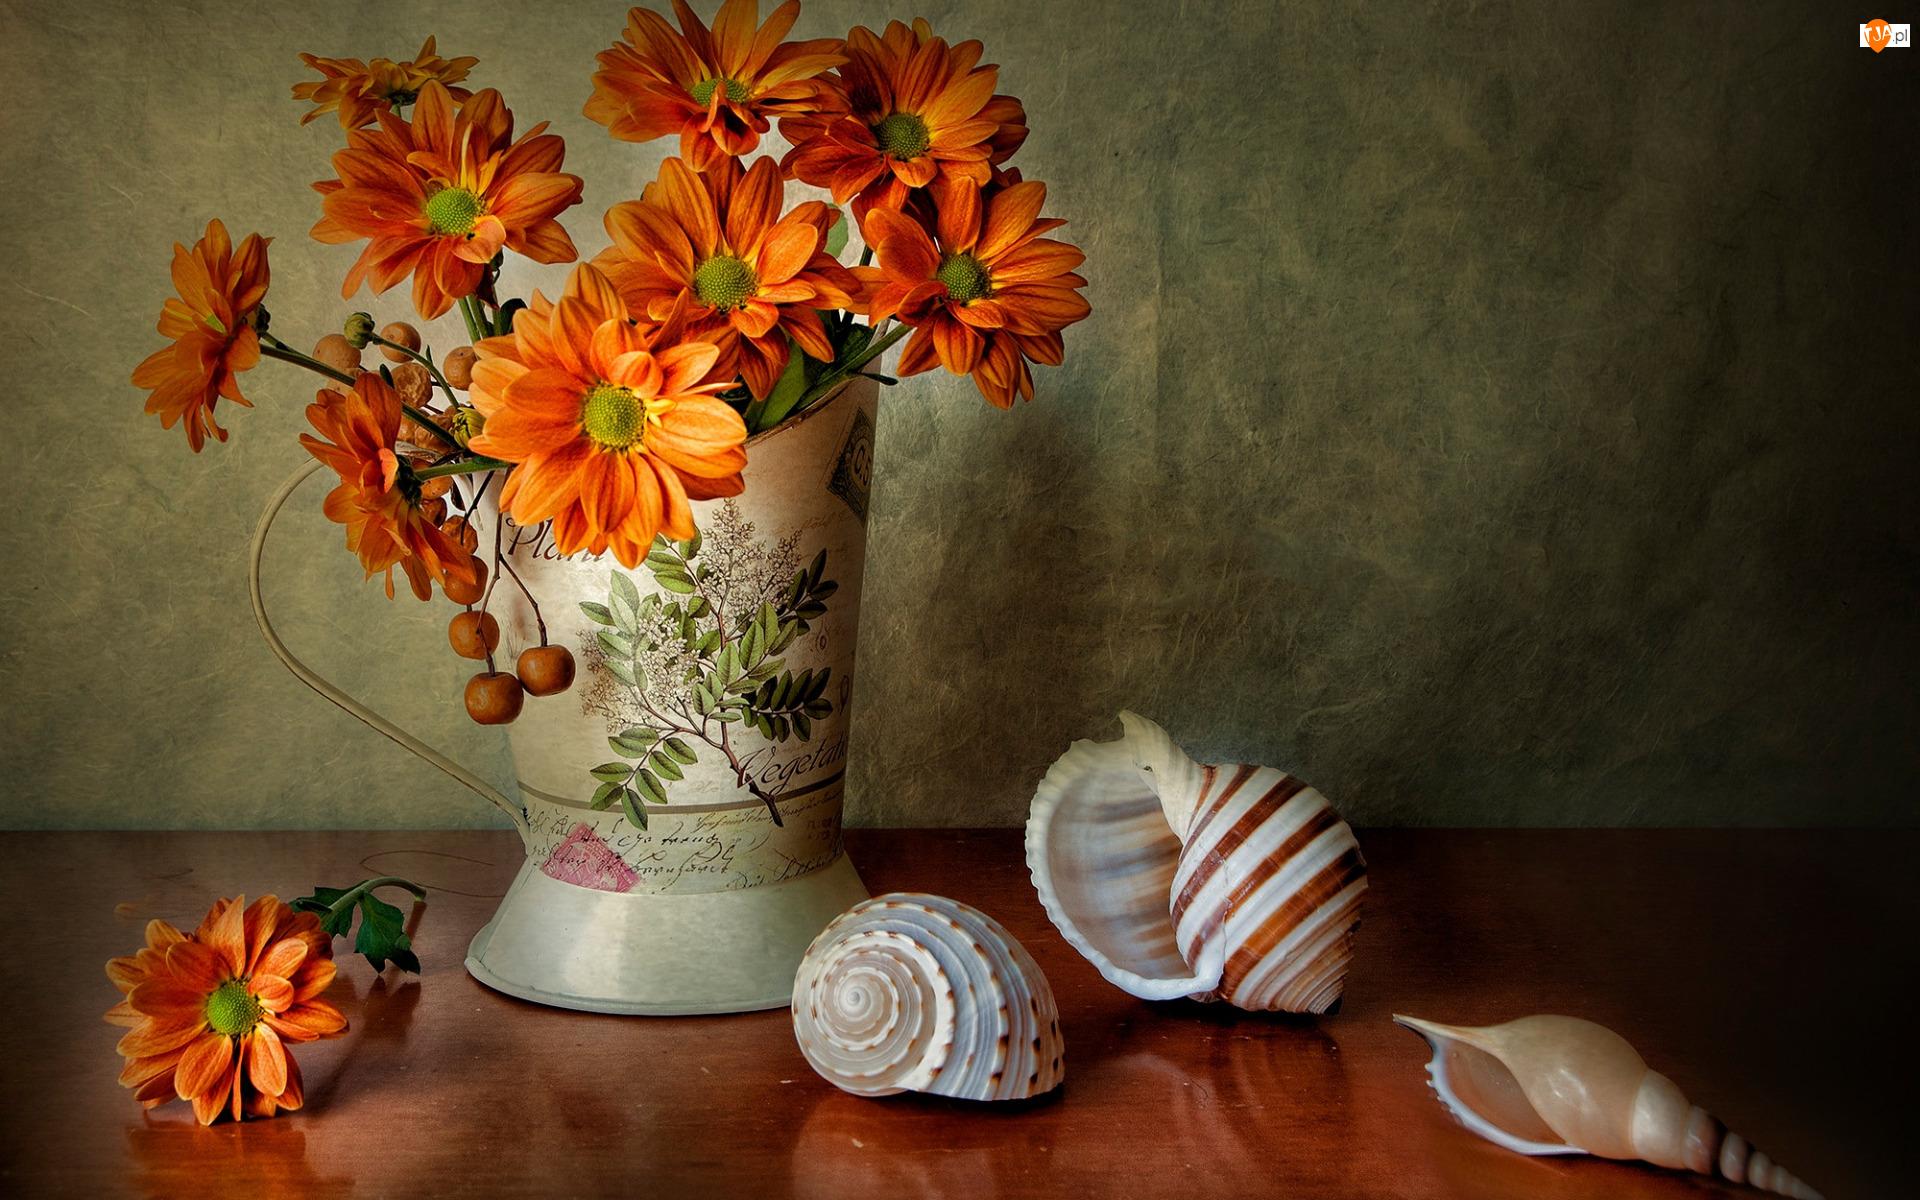 Muszle, Kwiaty, Chryzantemy, Wazon